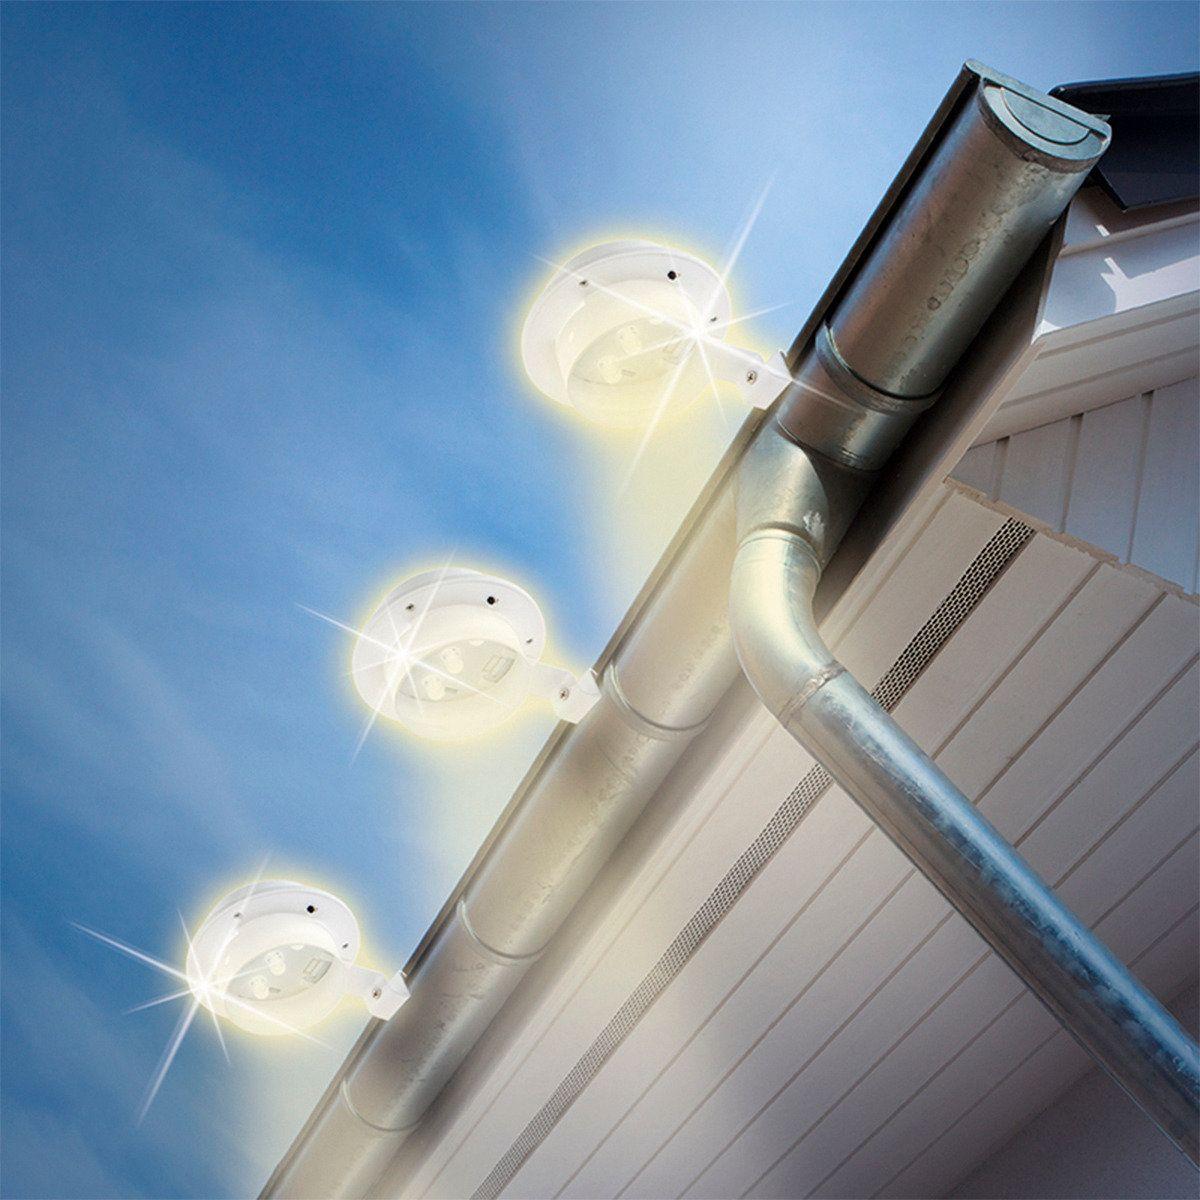 Solarzauber DachrinnenLeuchten, 3erSet online kaufen bei